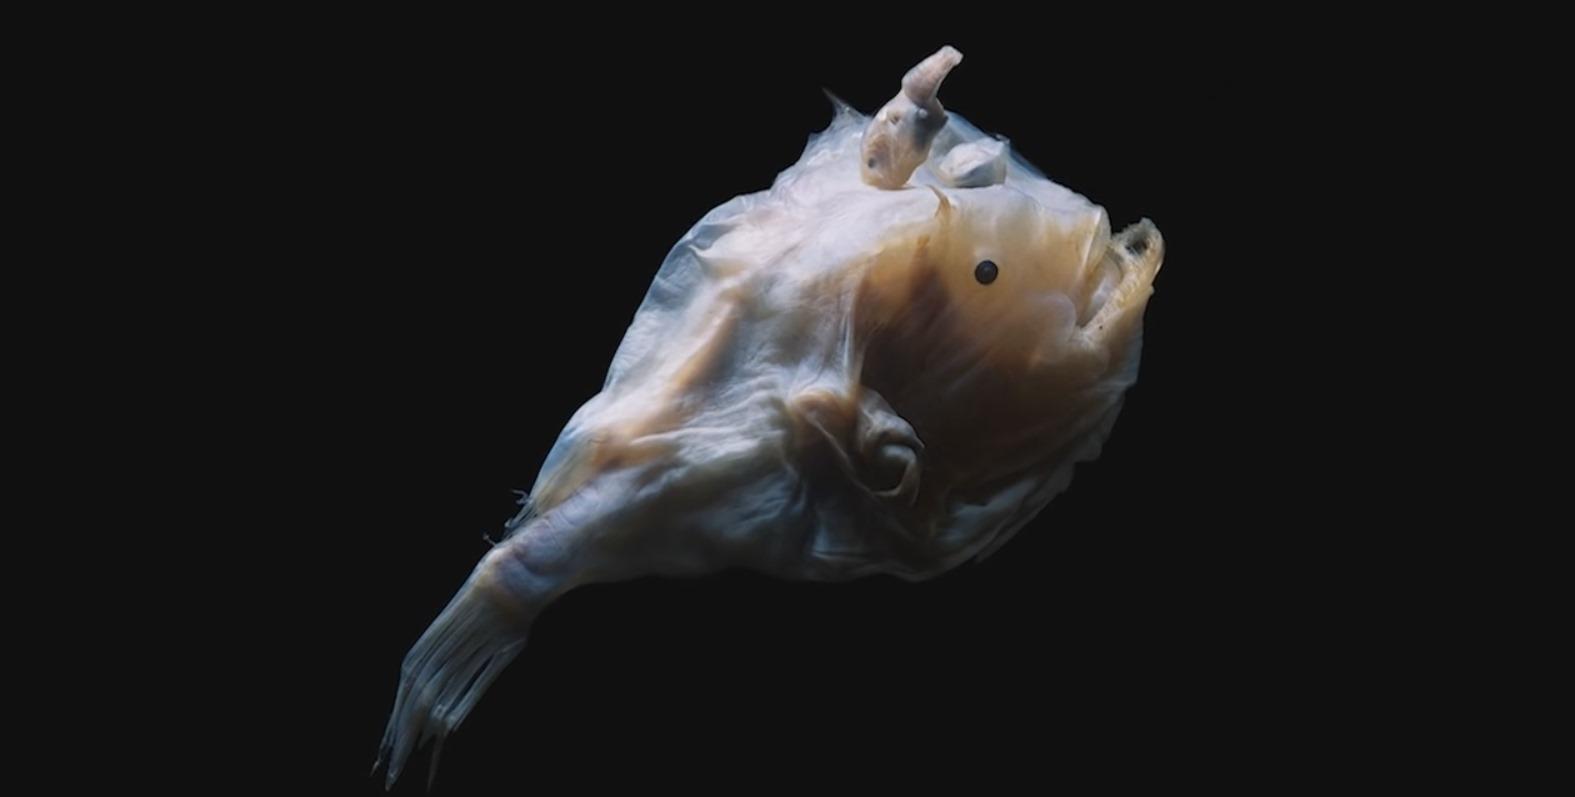 Слияние самца рыбы-удильщика с телом самки обеспечивает отсутствие нормального иммунитета